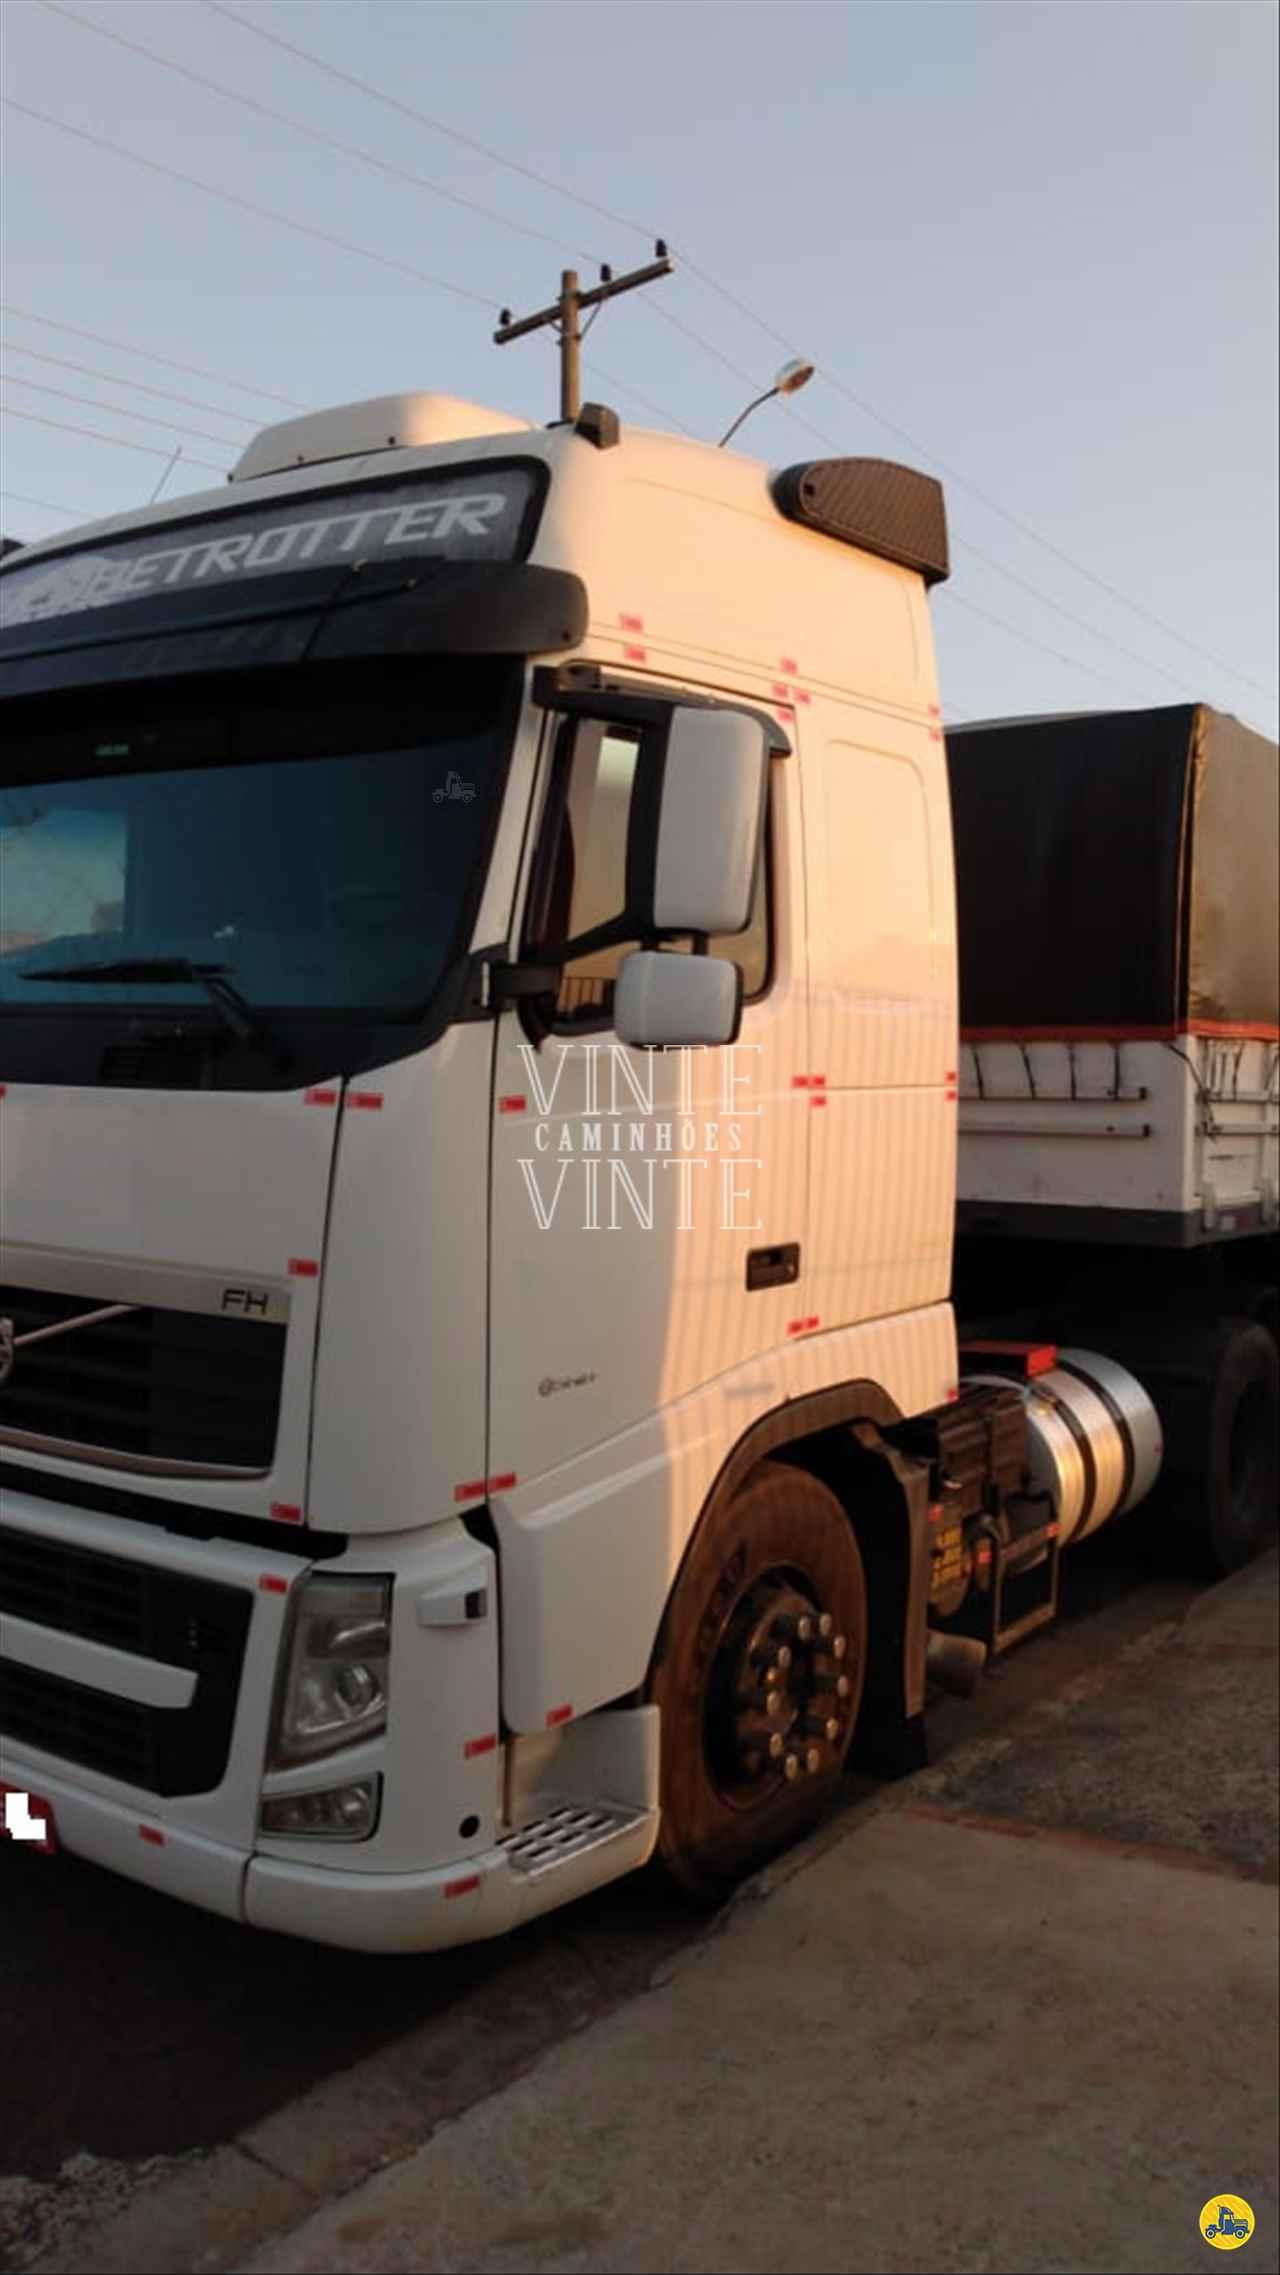 VOLVO VOLVO FH 460 0002km 2012/2012 Vinte-Vinte Caminhões